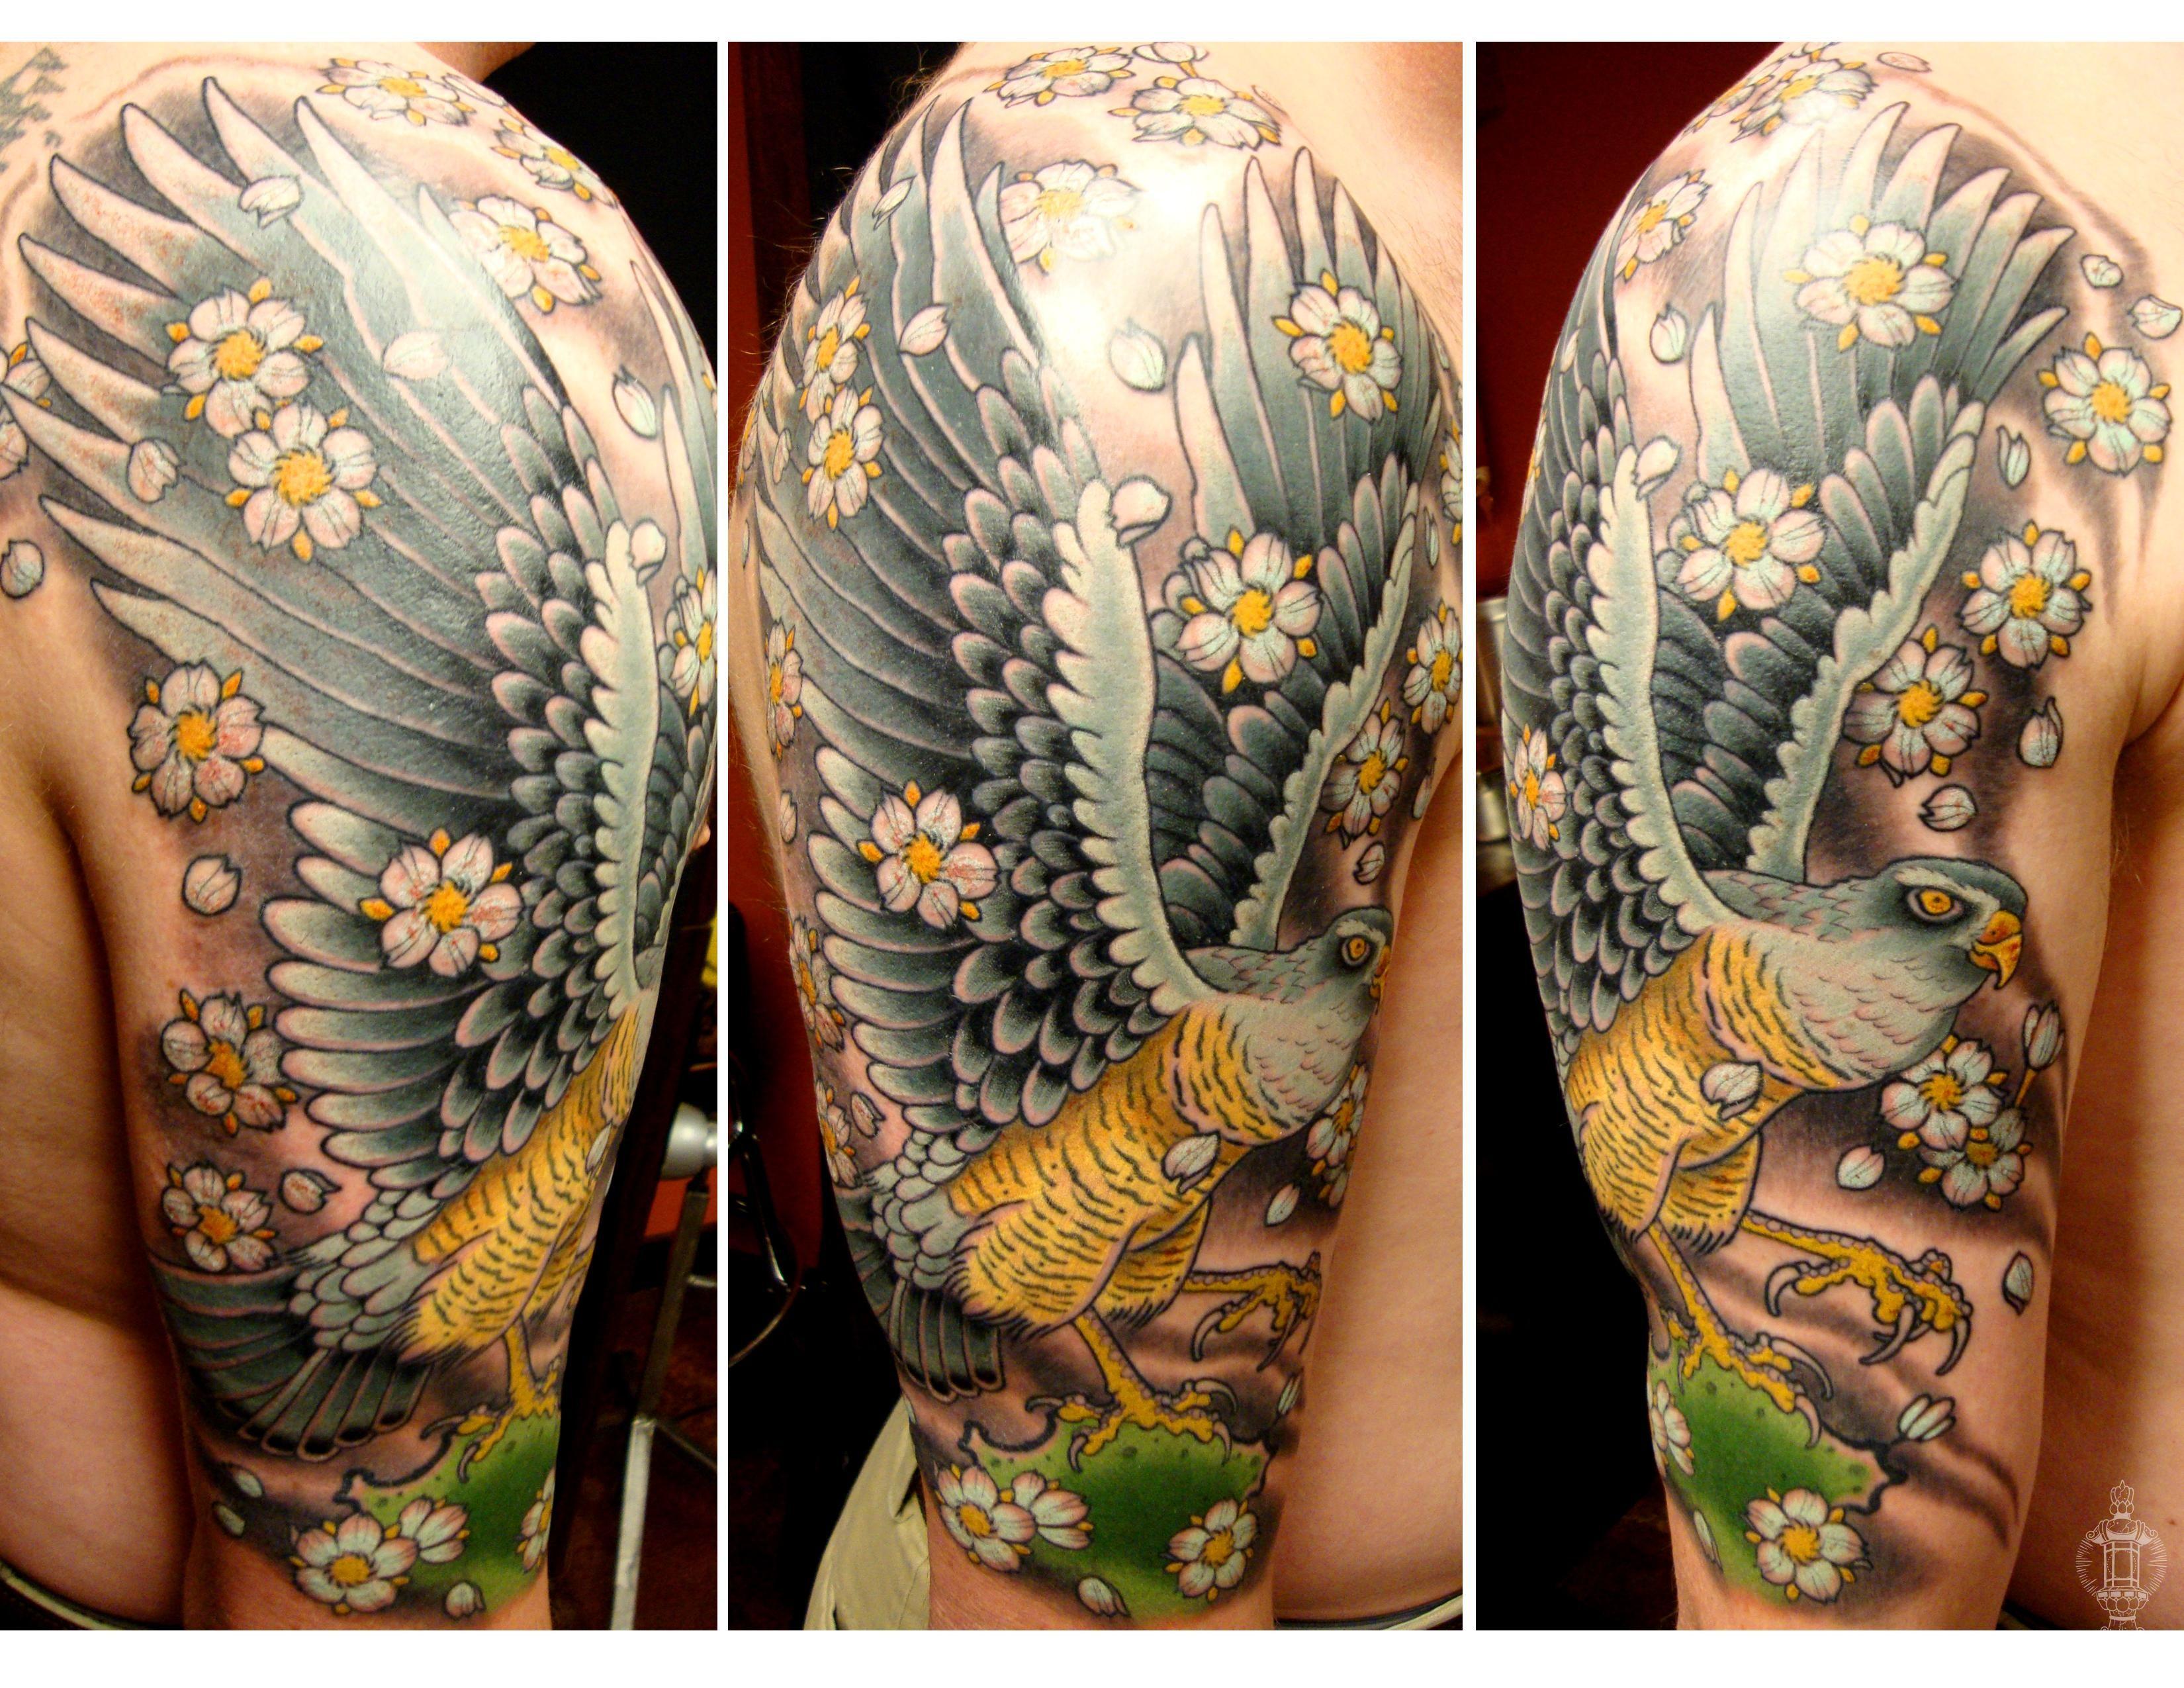 Falcon tattoo design - photo#28